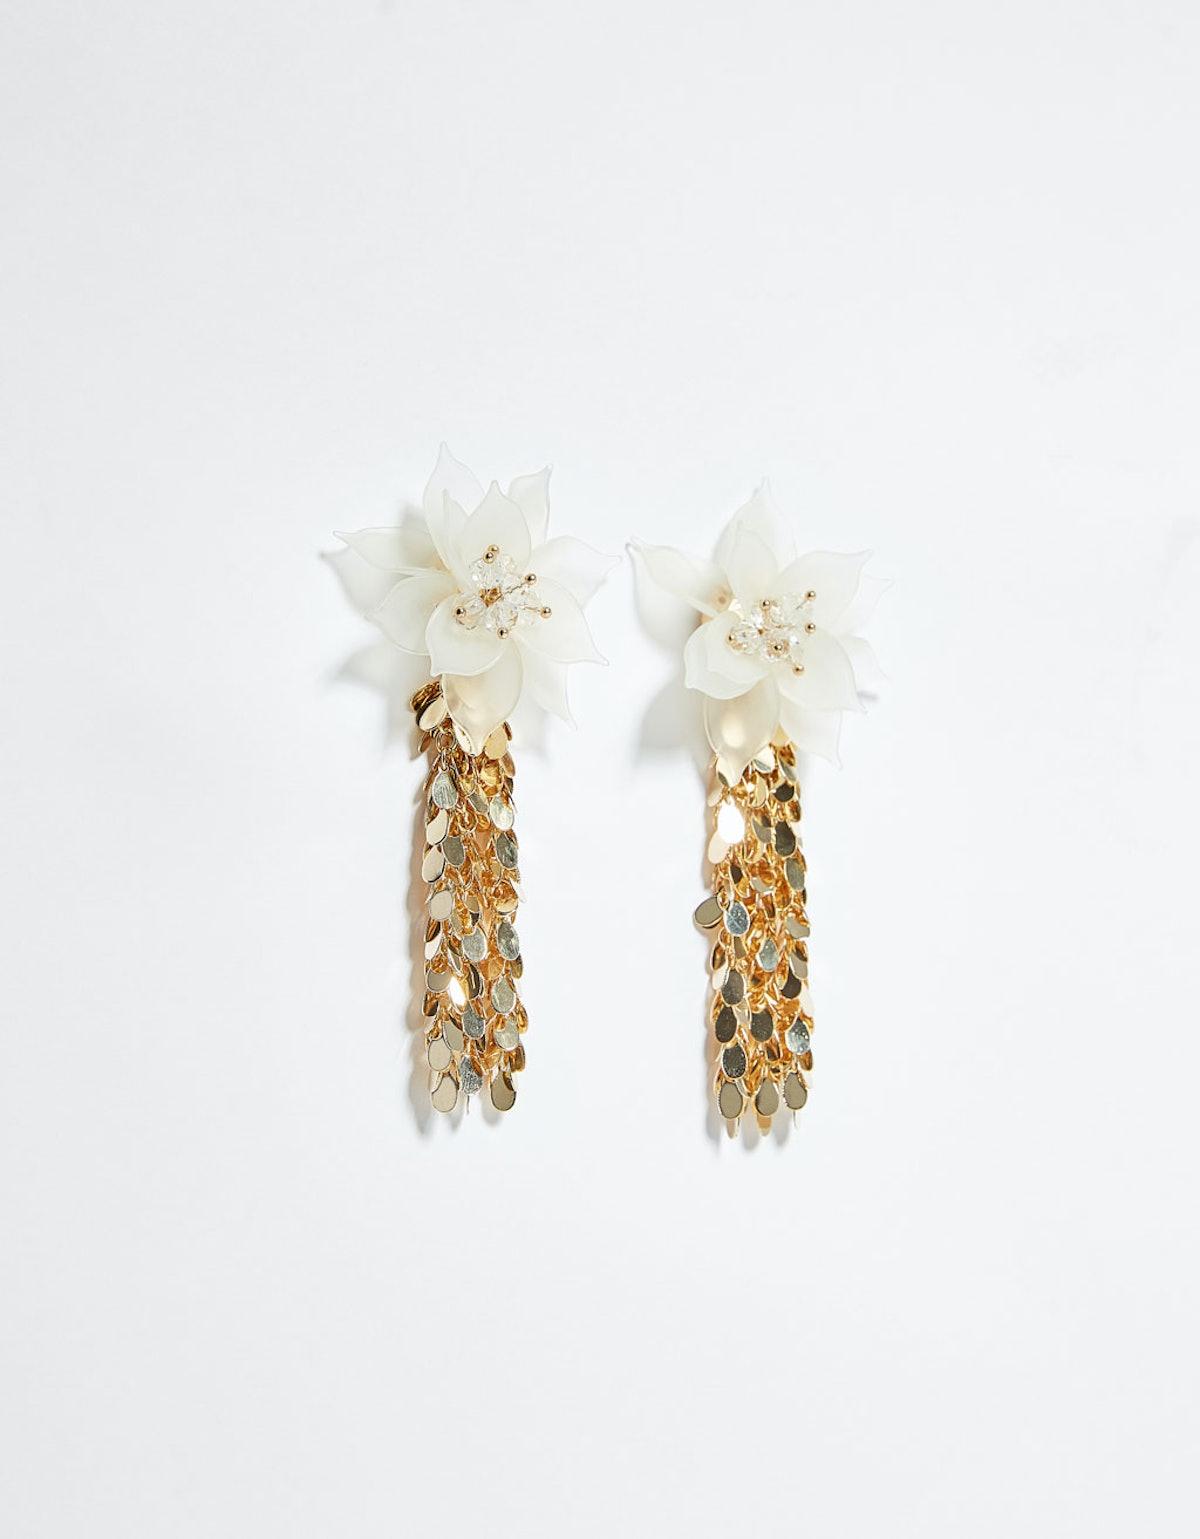 Flower chain earrings